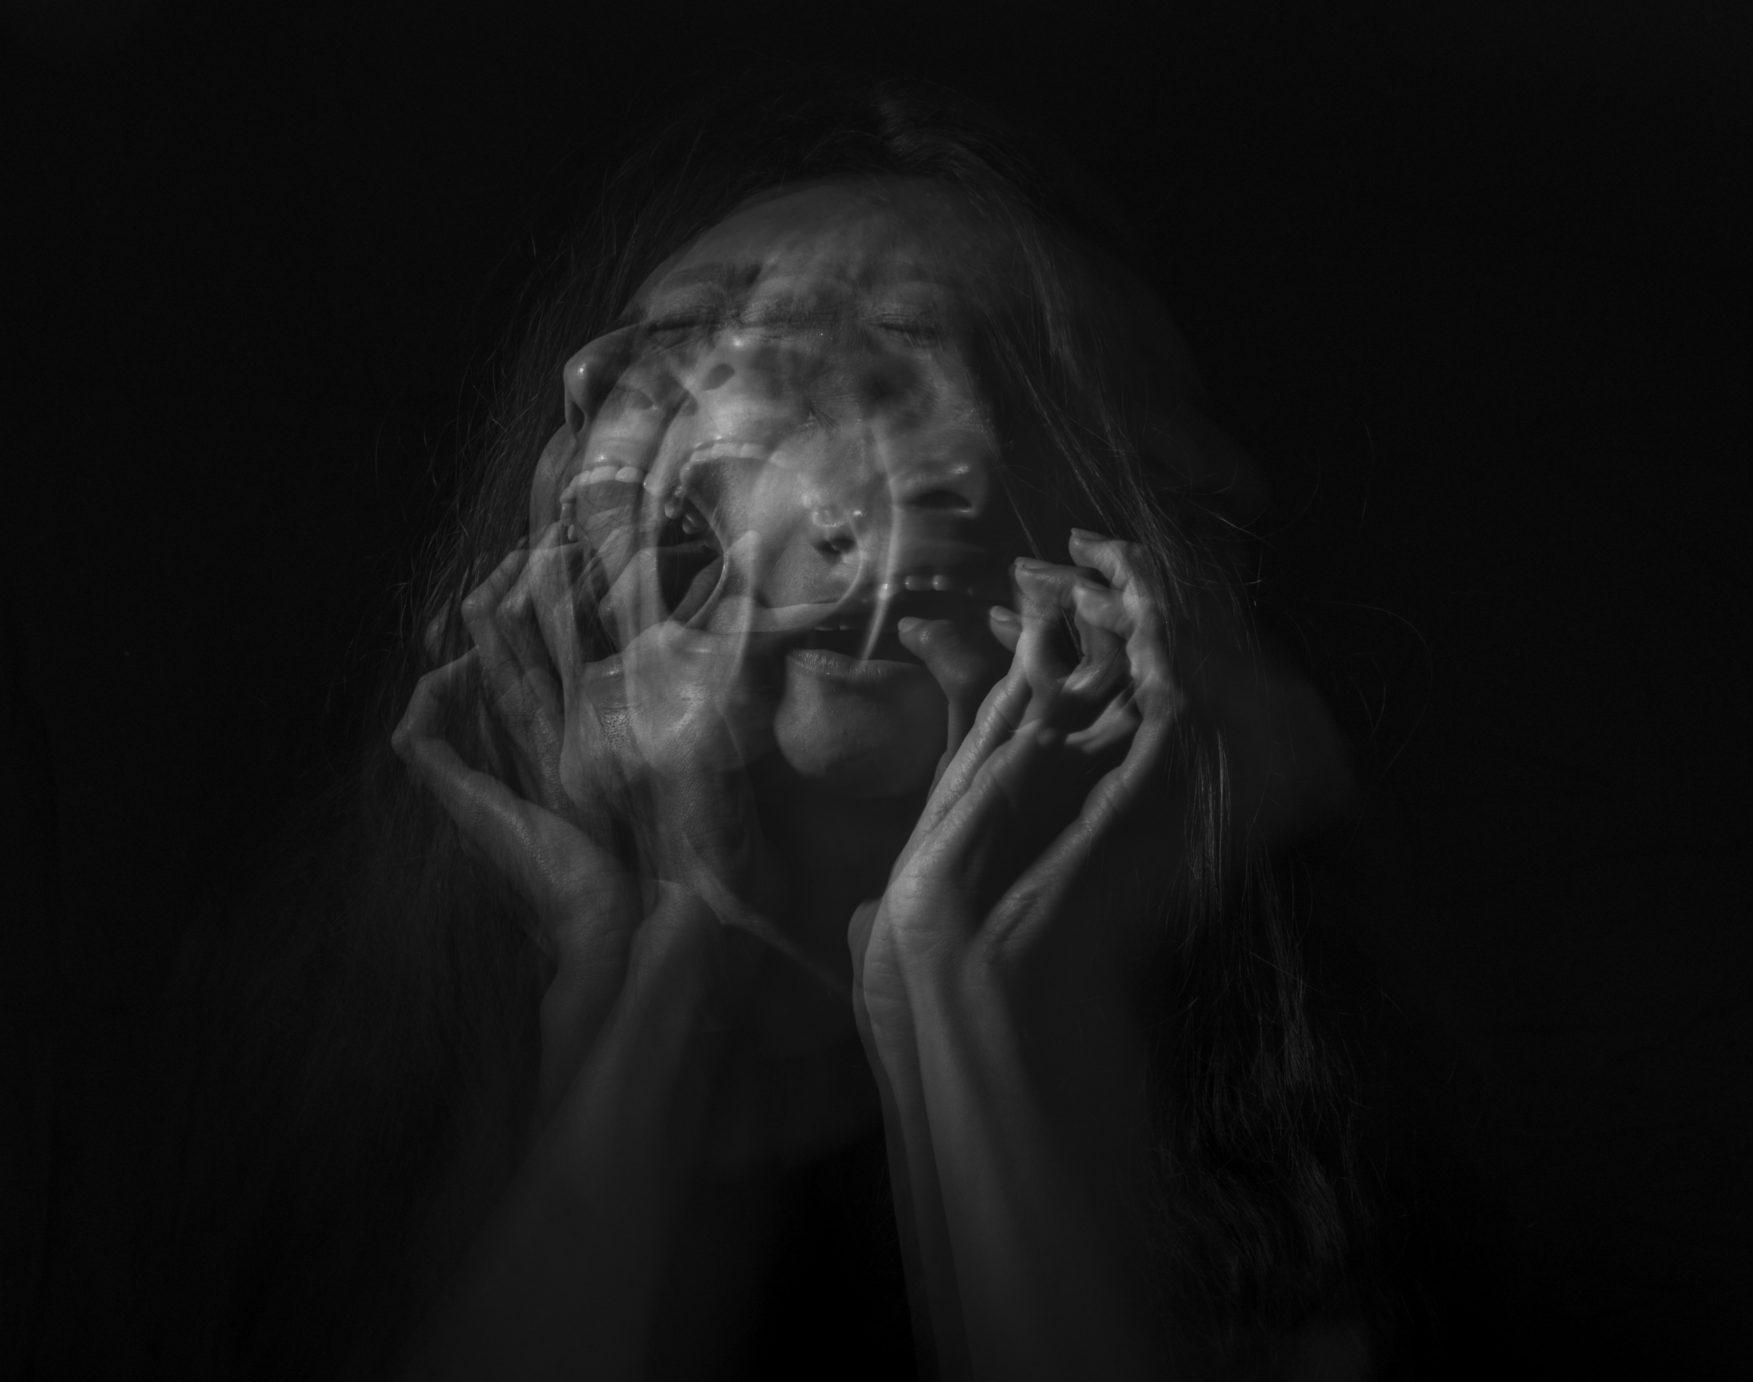 ånder, dæmoner, uhygge Foto: Unsplash)